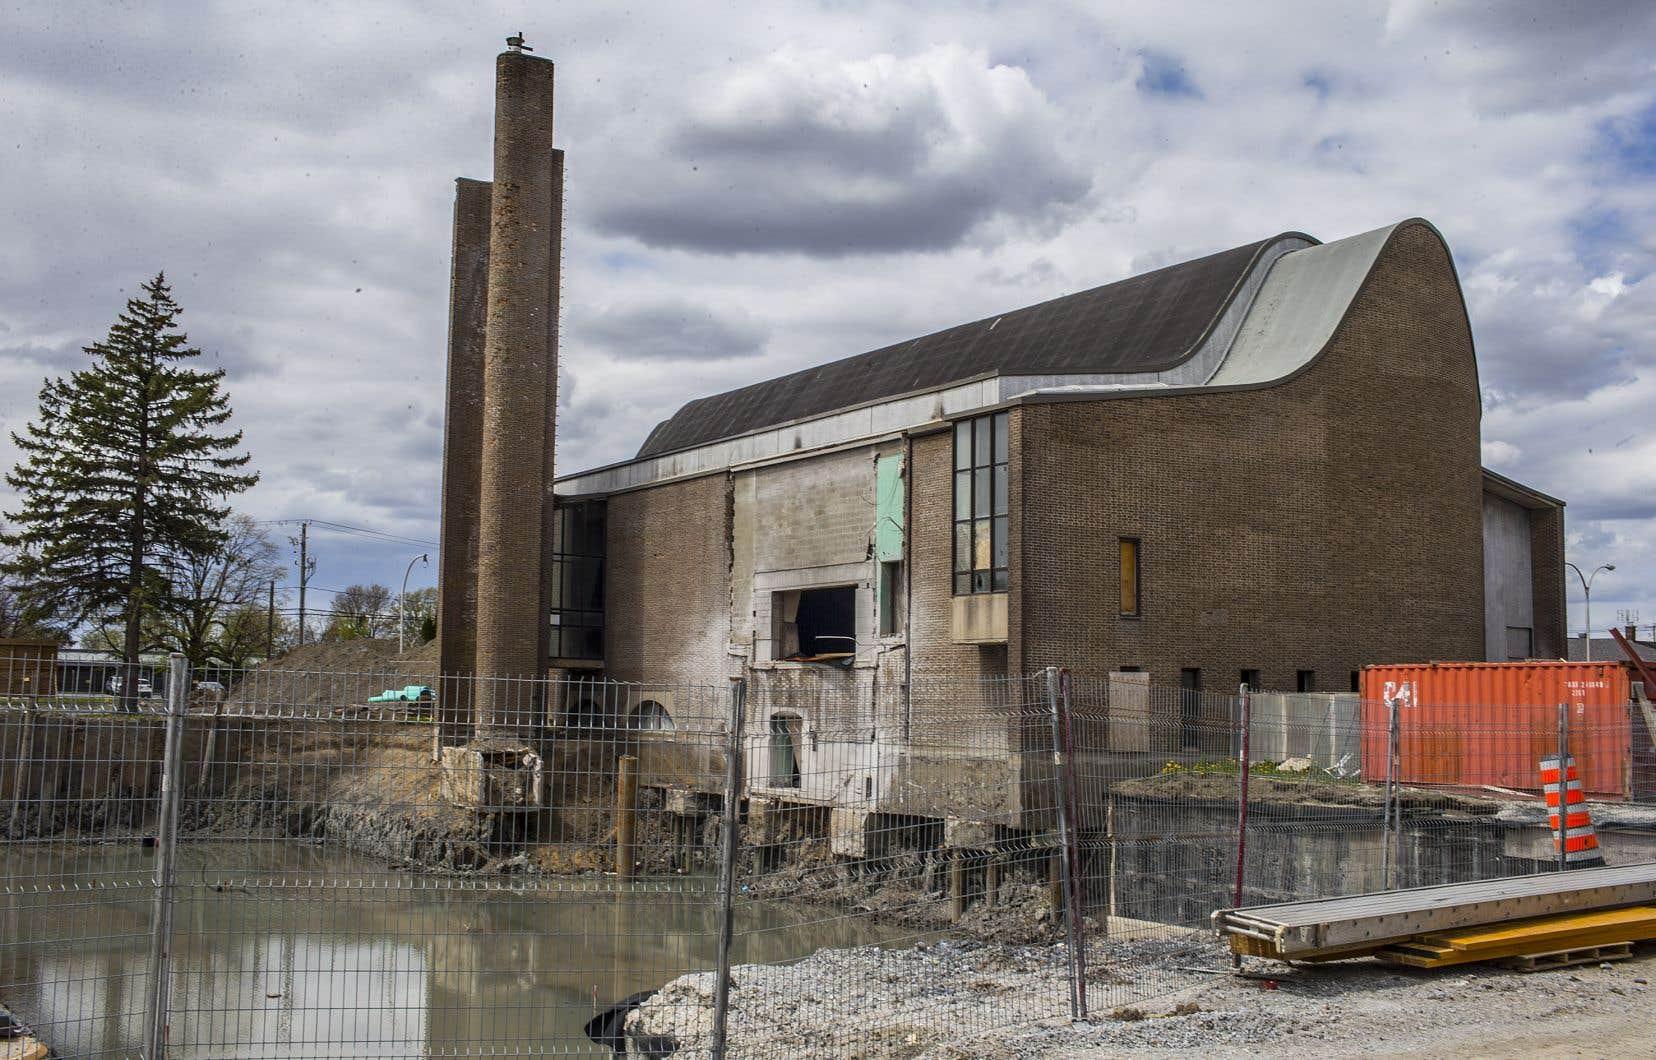 La démolition du presbytère, adjacent à l'église, a fait place à un petit lac rempli d'eau. Lors du passage du «Devoir» vendredi, le site était désert et le mur dénudé de l'église laissait voir une ouverture non protégée des intempéries.